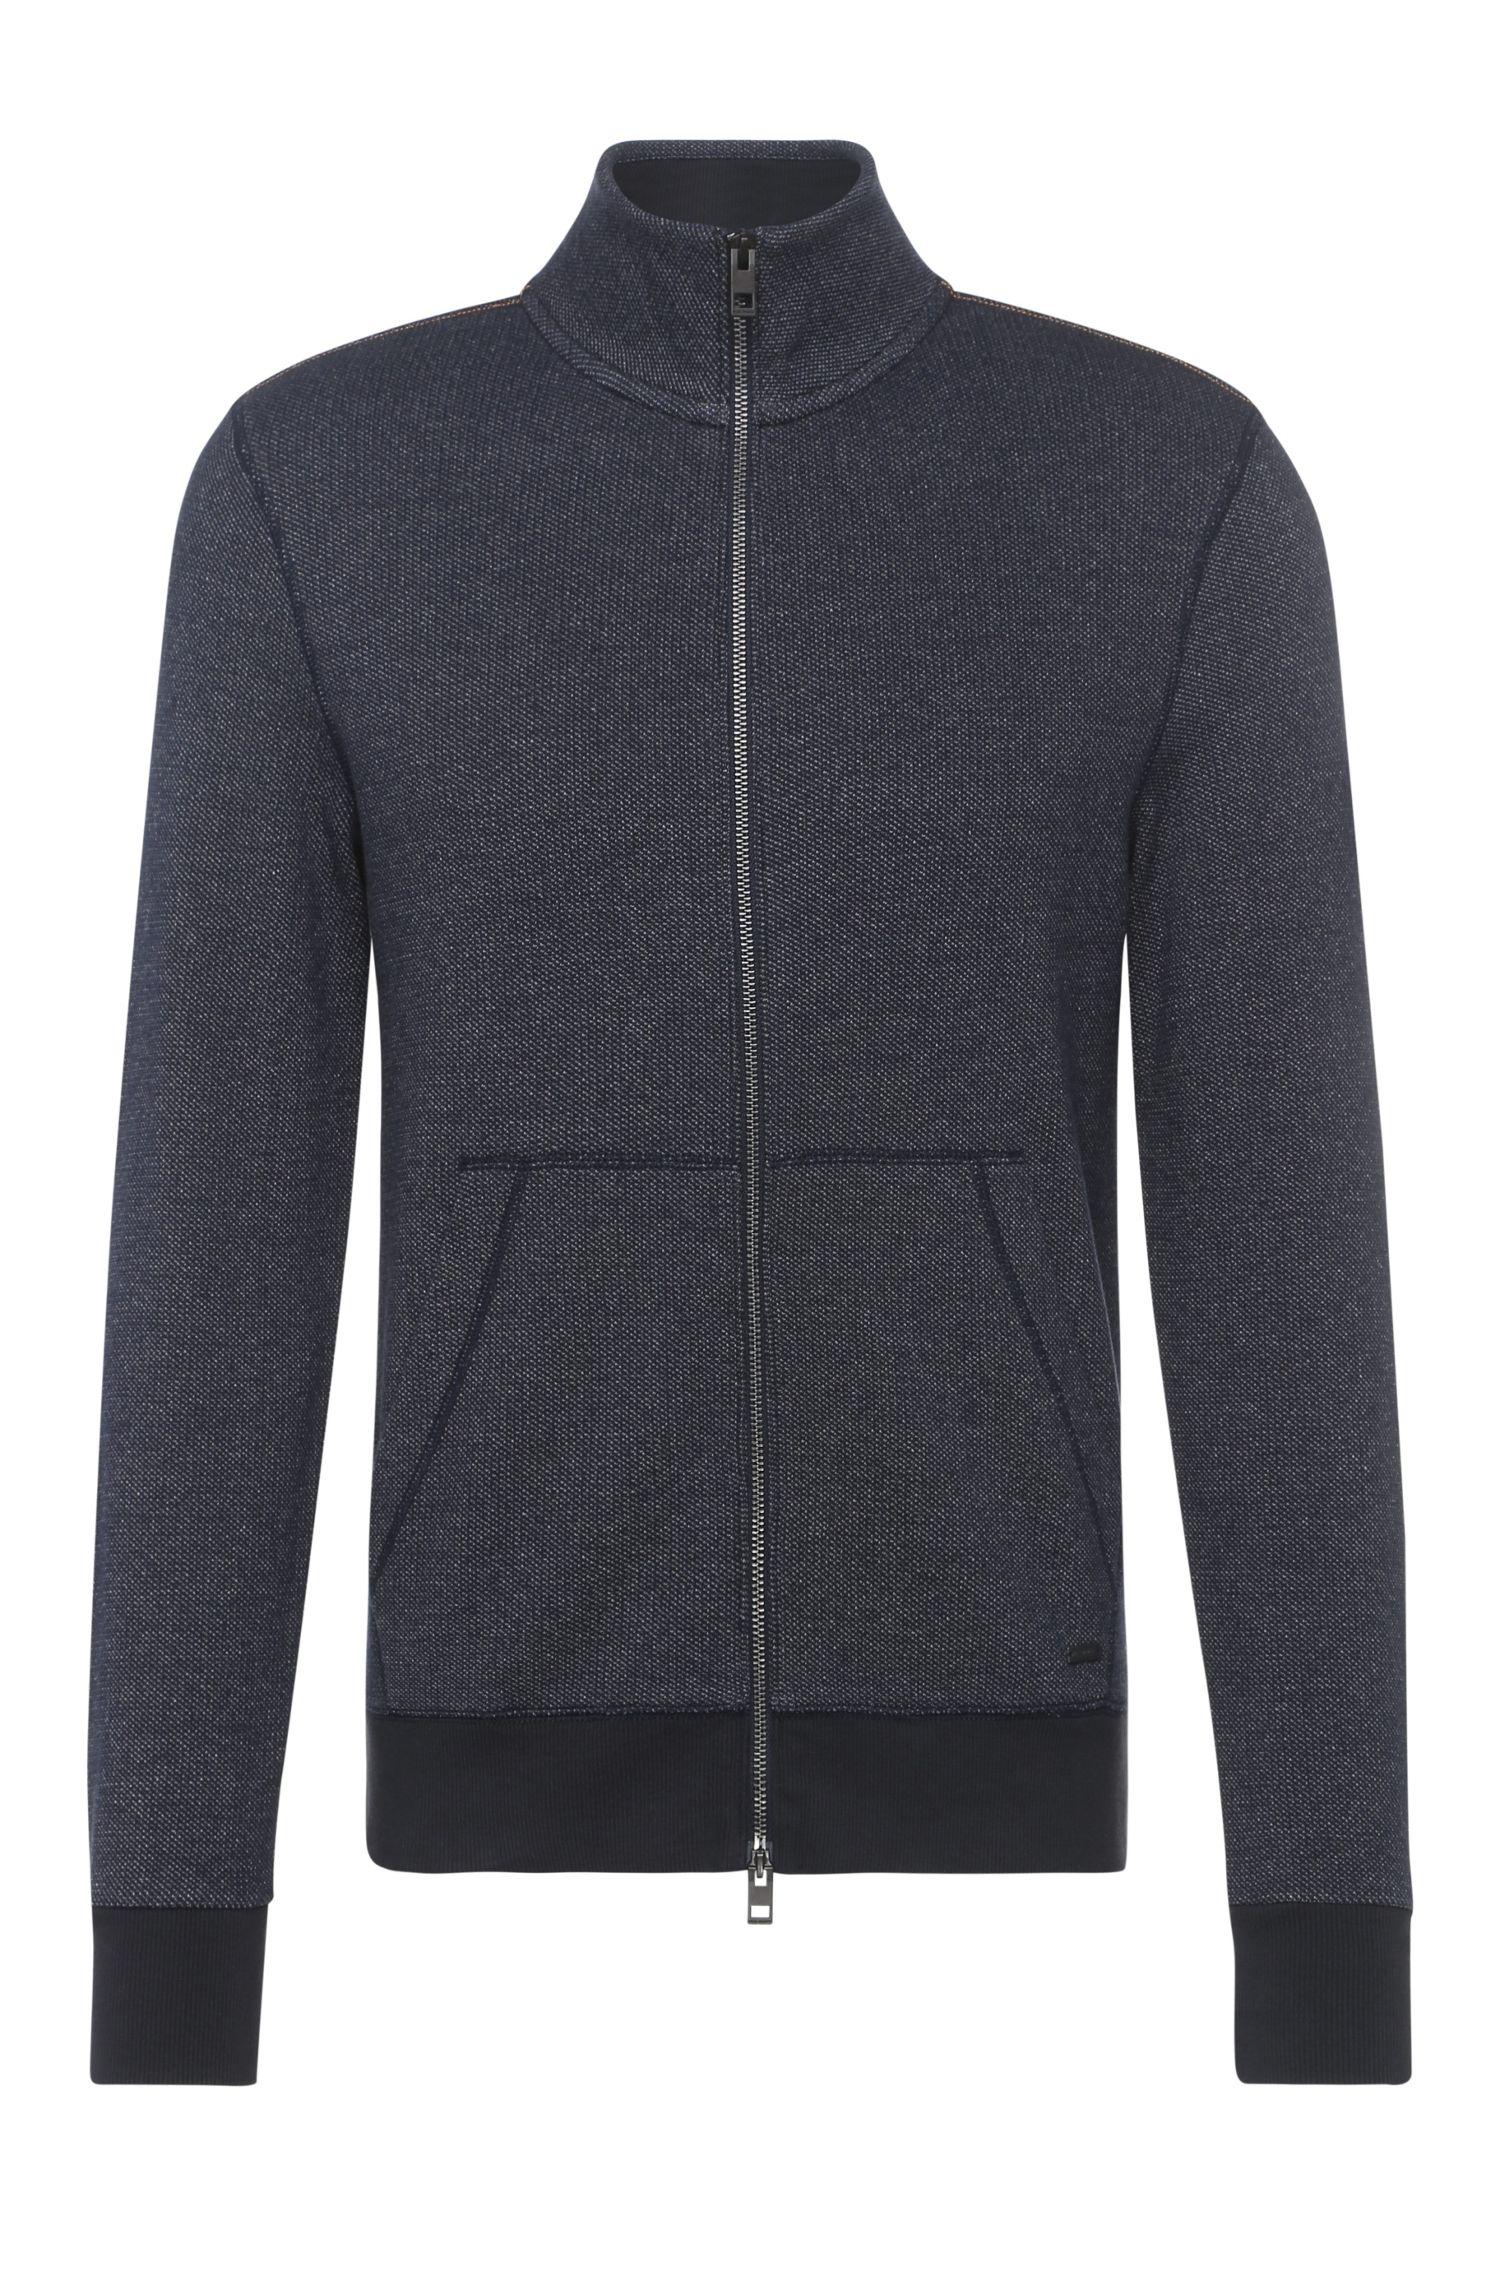 Sweatshirt-Jacke aus stark texturierter Baumwolle: ´Ztark`